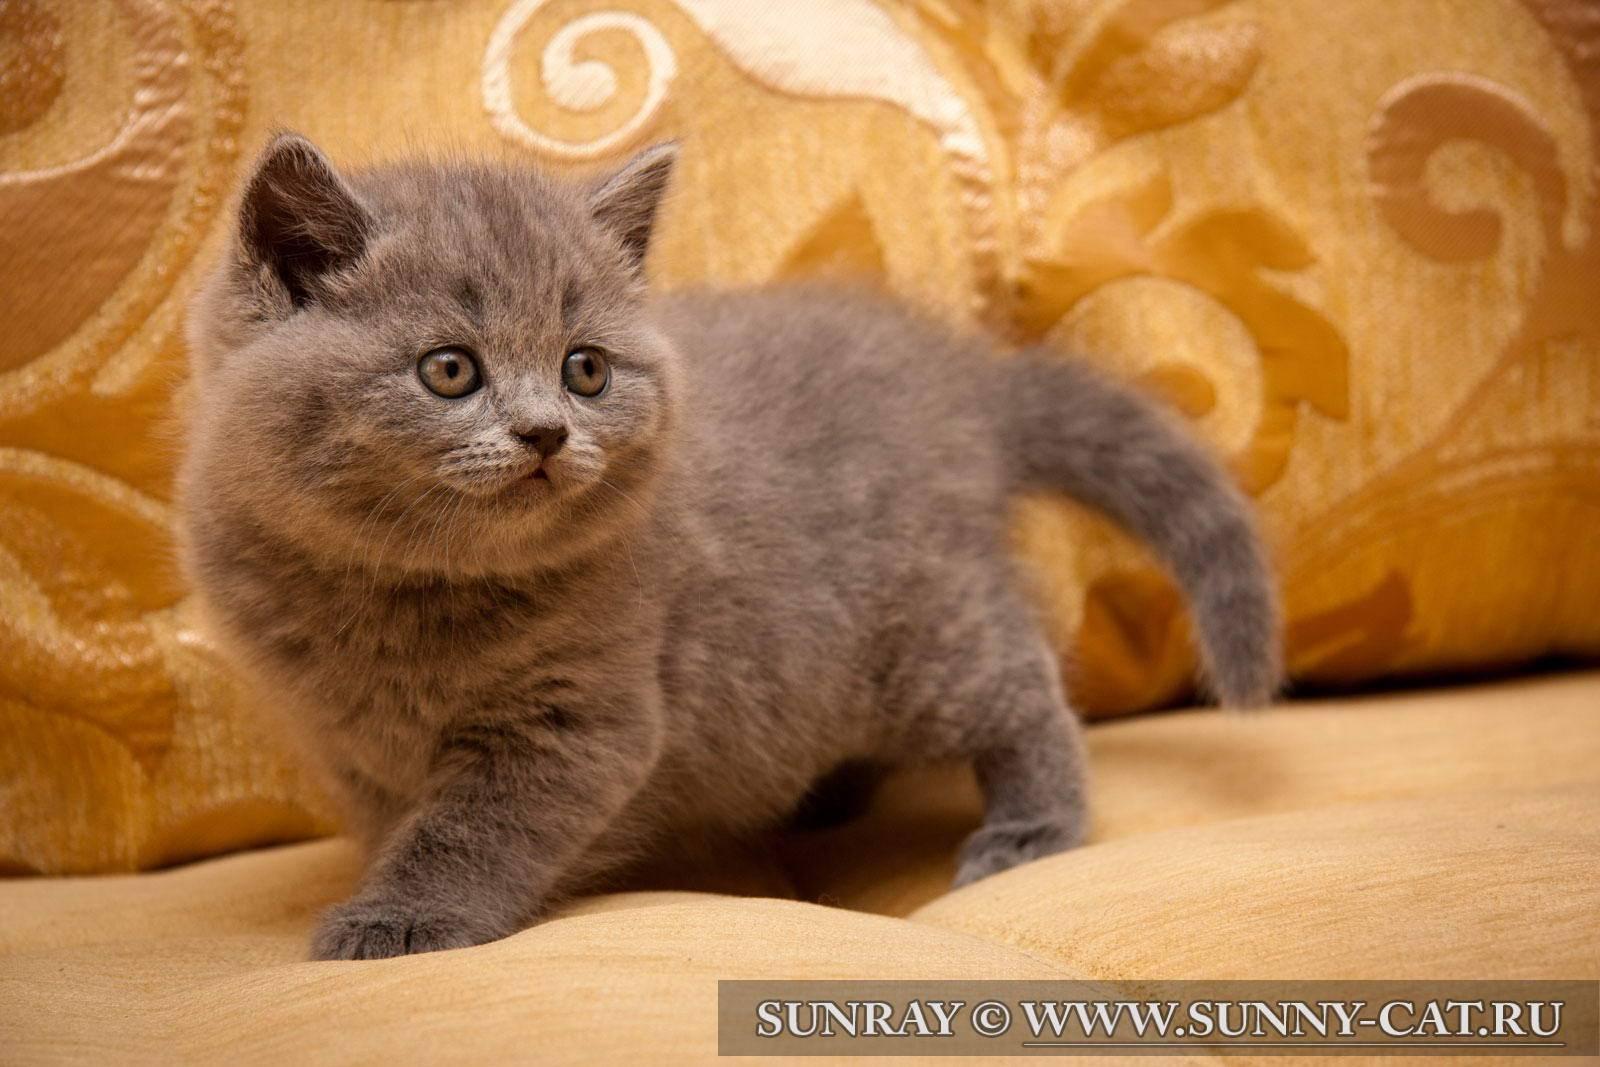 Британские котята: фото, цена или сколько стоит британский котенок? цена на британскую кошку, кота и котенка: голубые, золотые, шиншиллы, лиловые, белые, черные, шоколадные, кремовые, вискас, рыжие, мраморные, полосатые, пятнистые и др.